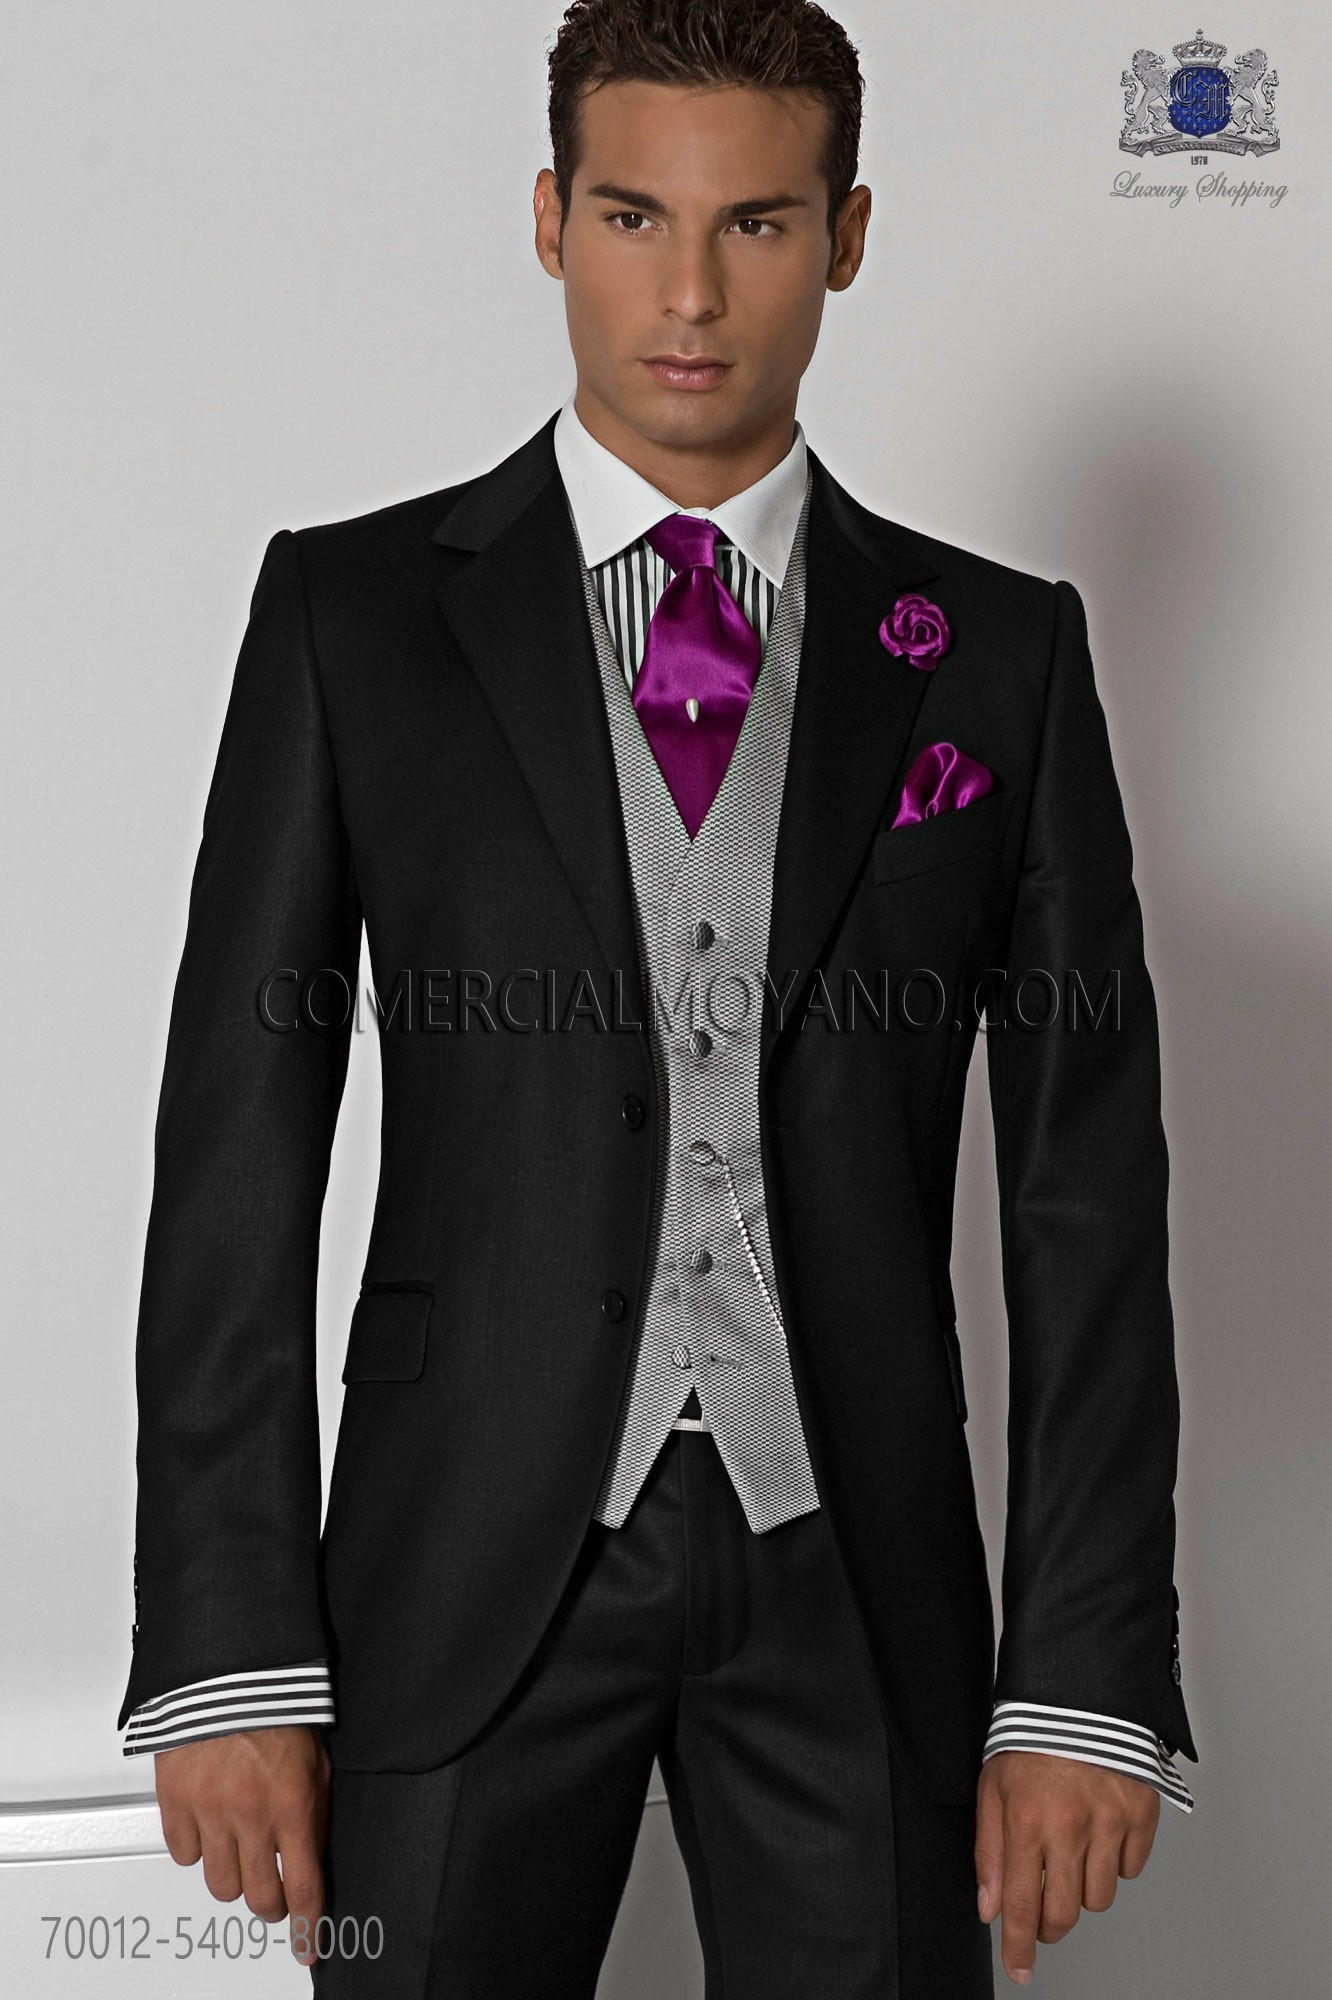 f883765f2b Compra online las Camisas de Moda Hombre que buscas en la web de Hipercor y  benefíciate de todas nuestras. Ropa para dormir. El Corte Inglés.Cortefiel  es ...